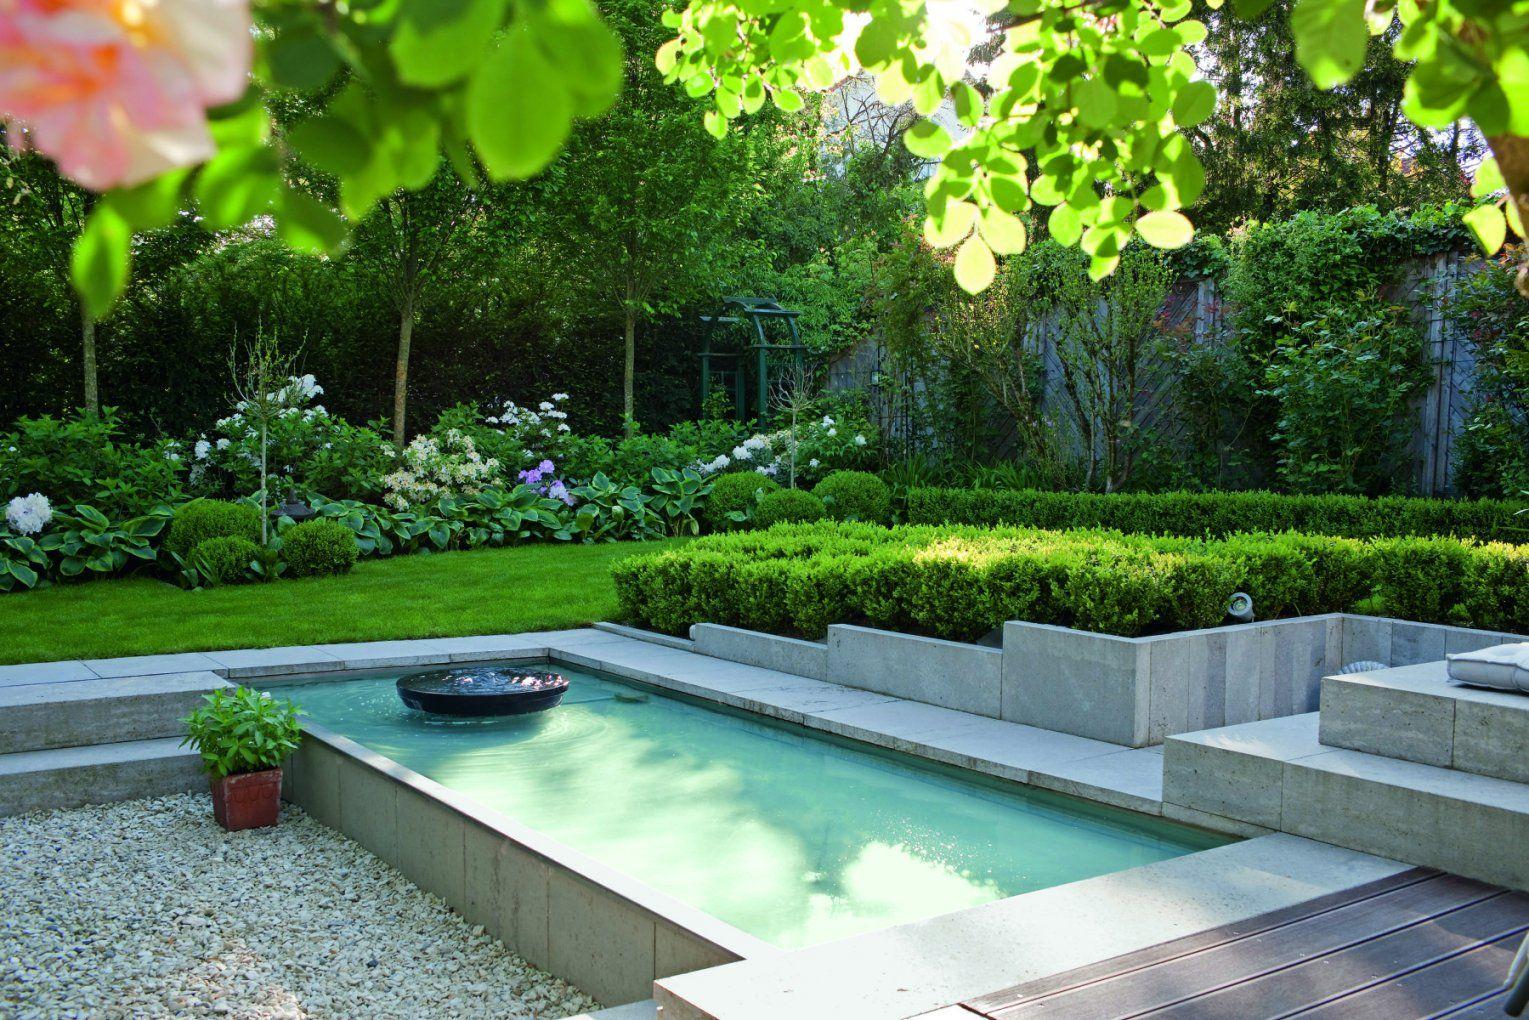 Kleine Gärten  Ideen Für Den Garten  Callwey Gartenbuch von Kleine Gärten Gestalten Bilder Bild